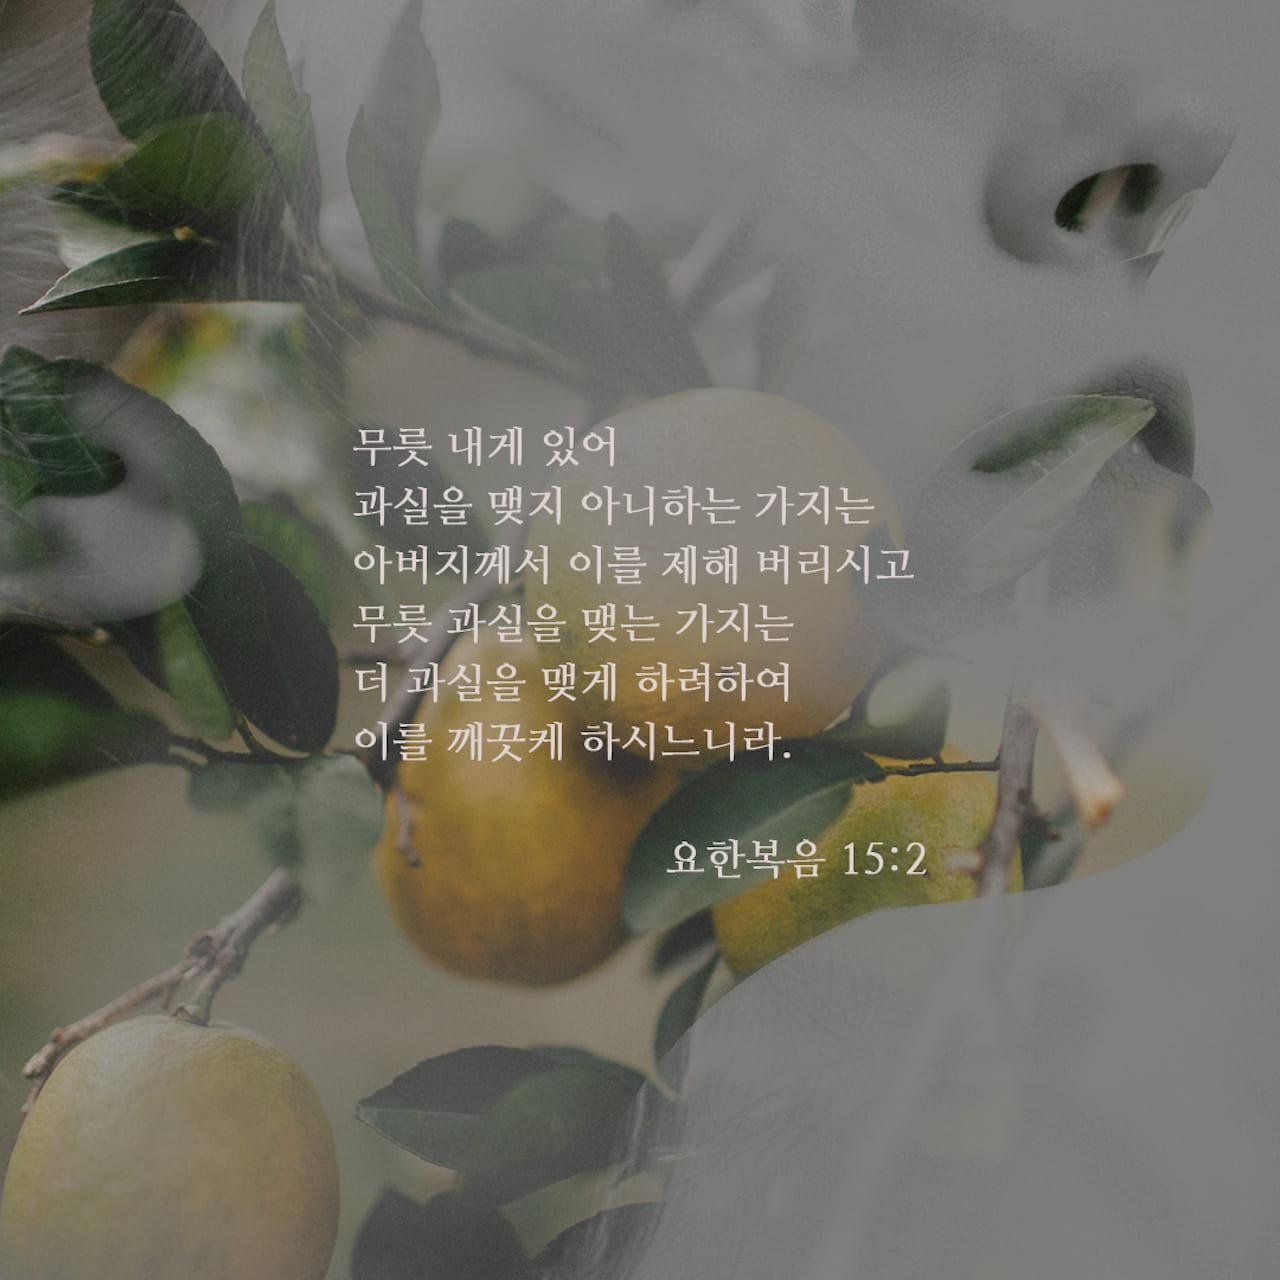 아버지께서 열매가 맺히지 않는 내 모든 가지를 잘라내시고, 열매를 맺는 가지마다 더 많은 열매를 맺게 하시려고 가지를 깨끗게 하신다.